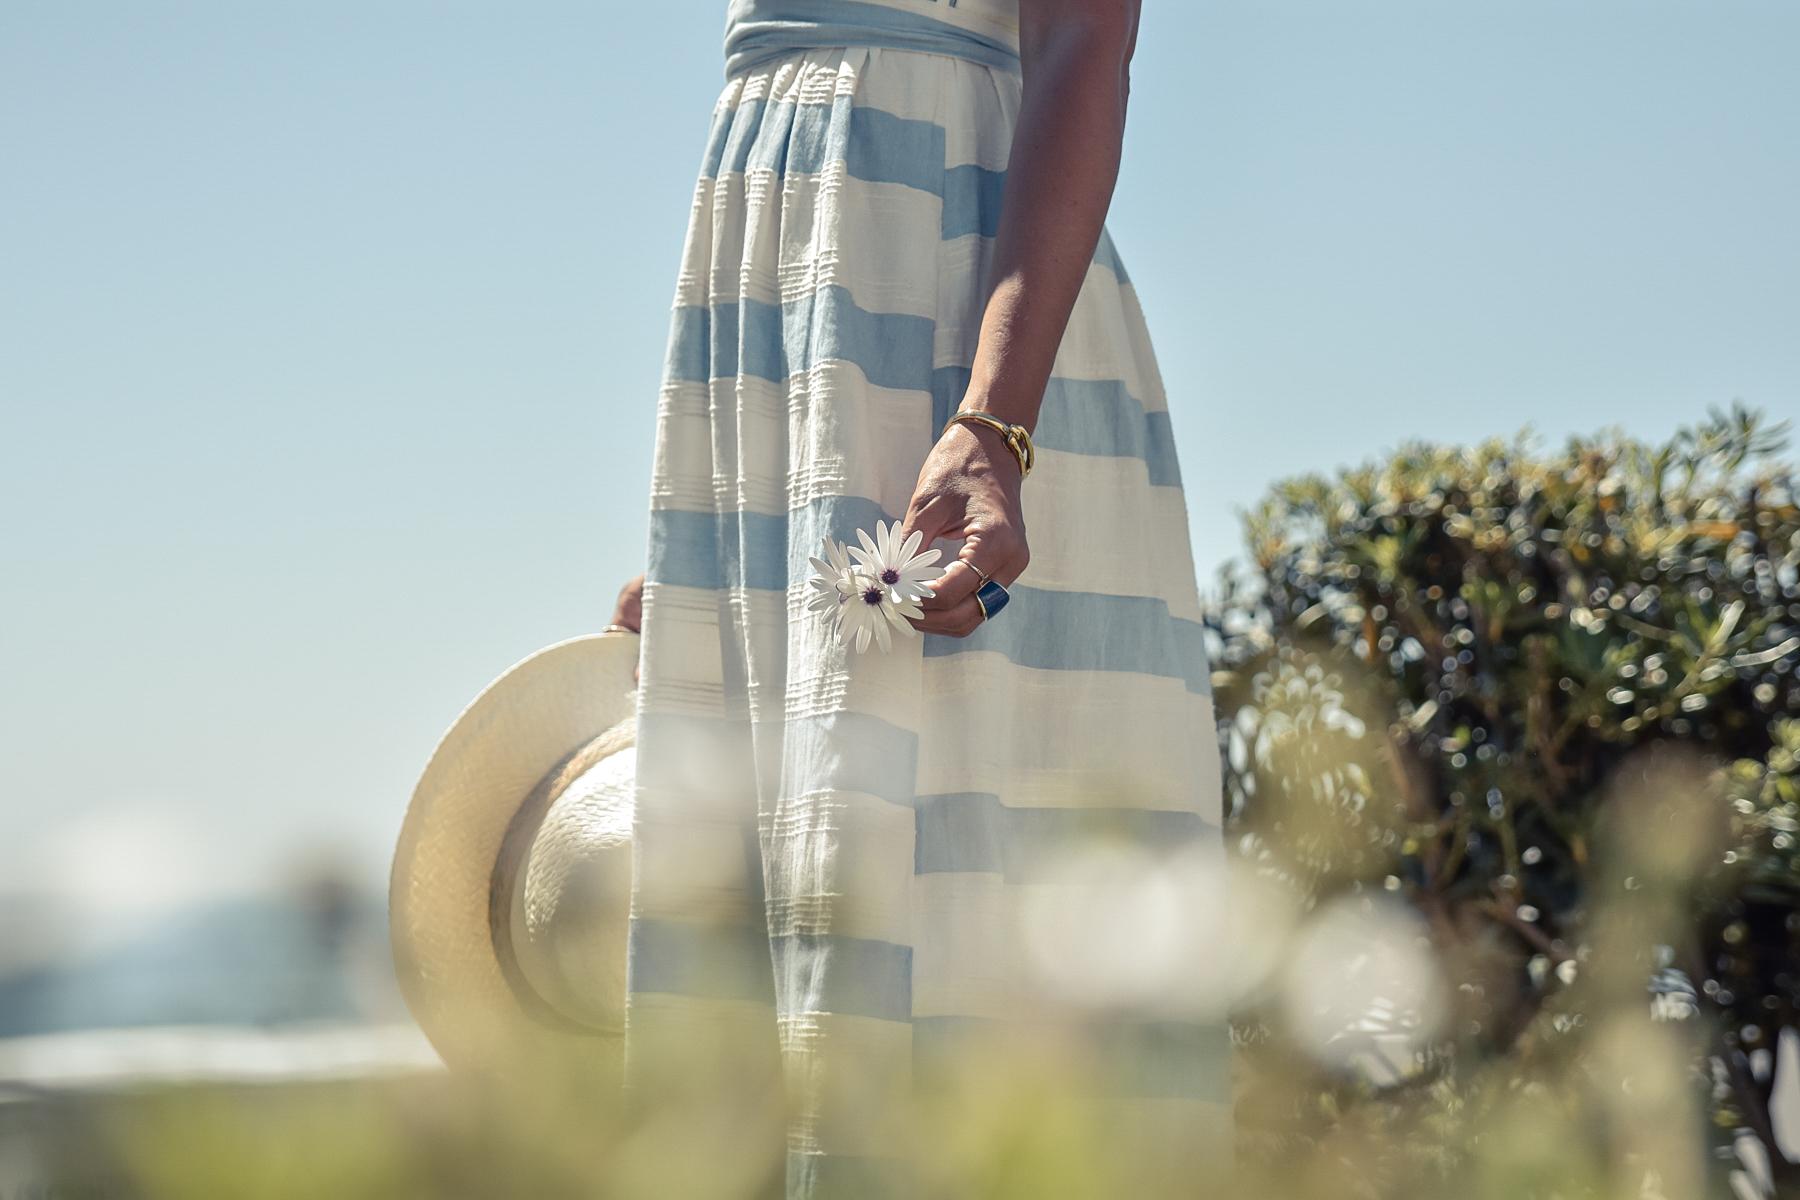 10-el-blog-de-silvia-vestido-rayas-azul-blanco-marbella